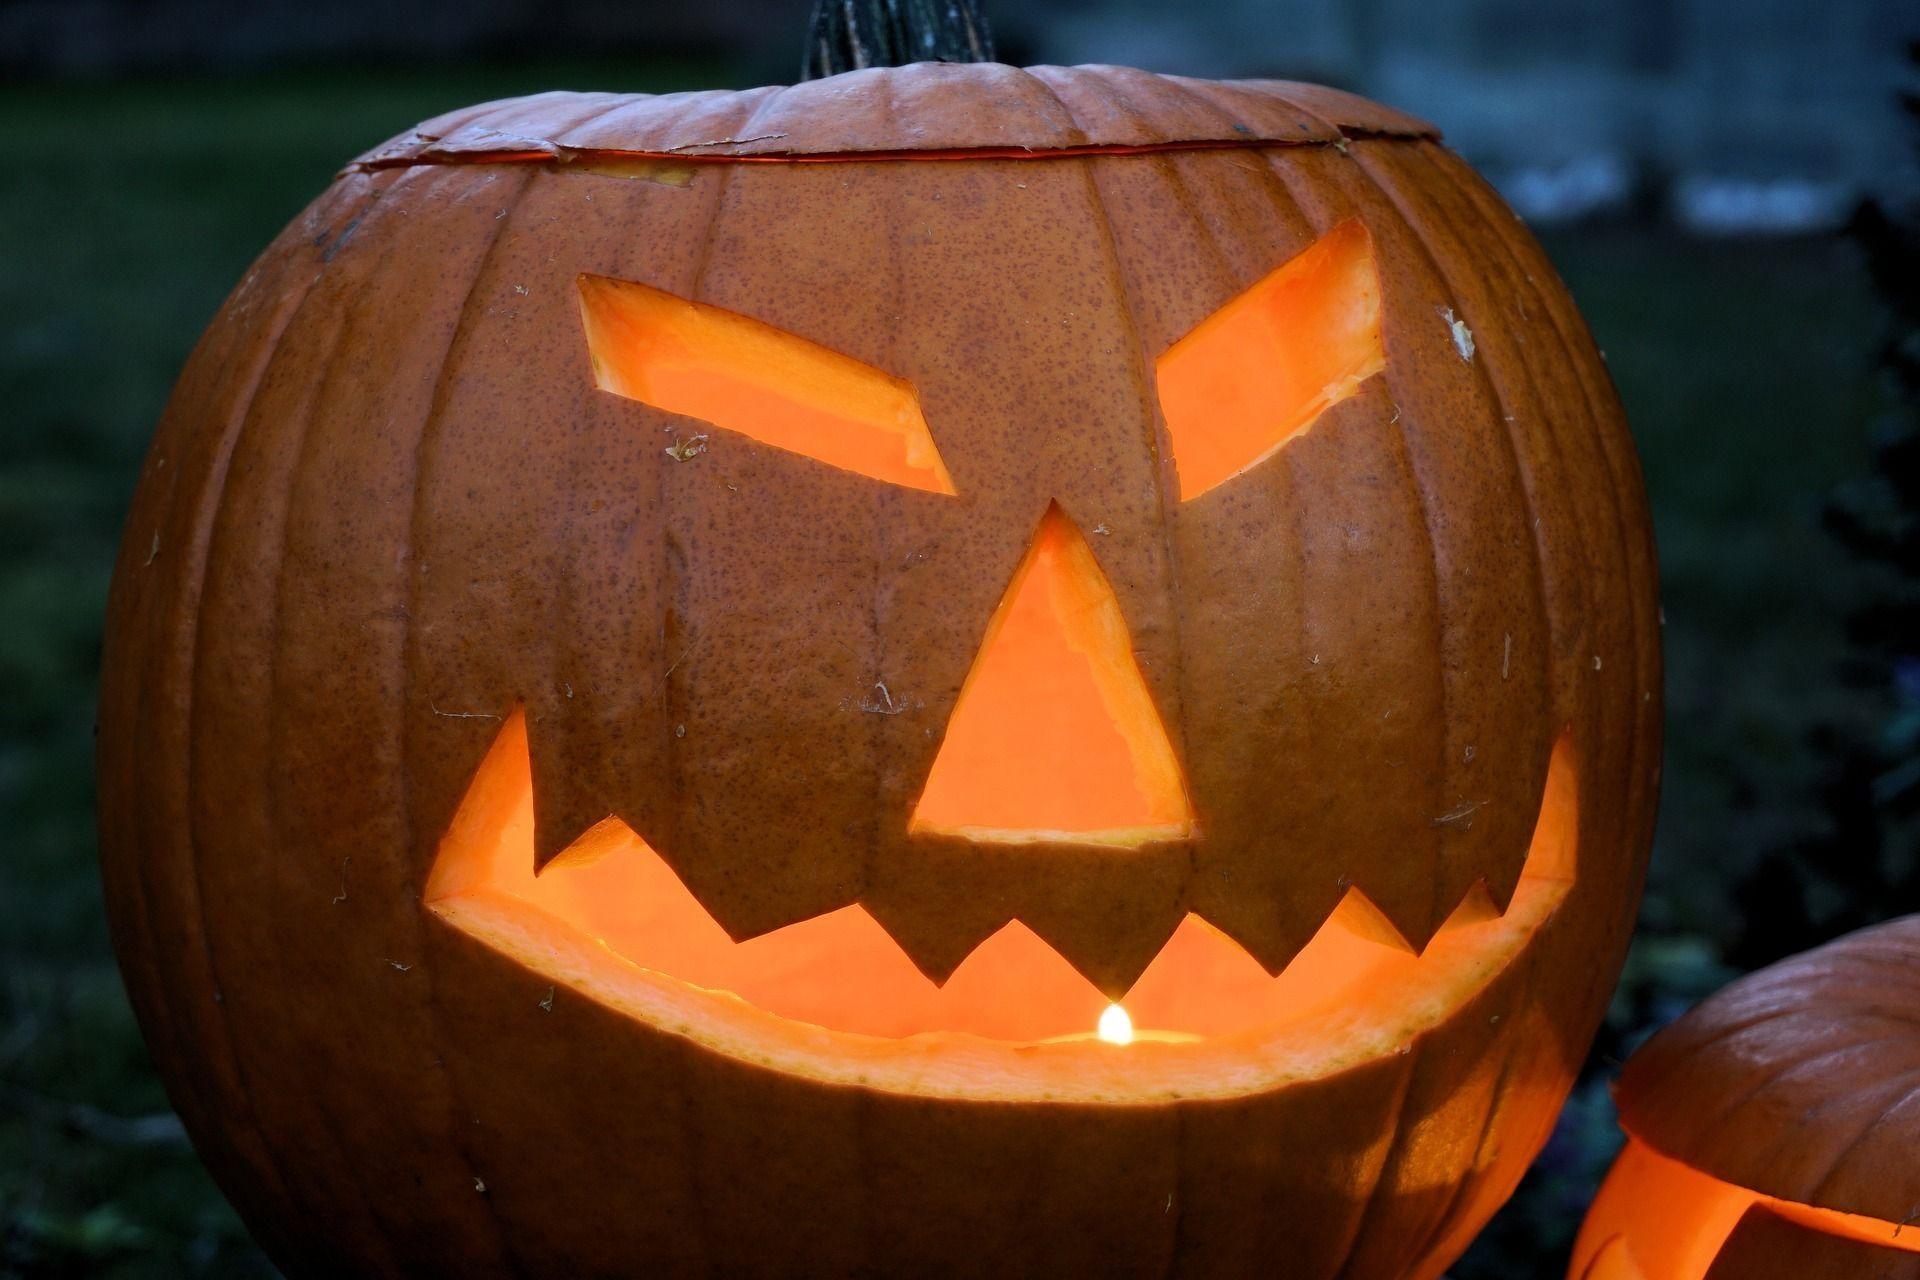 Pumpkin 1753120 1920